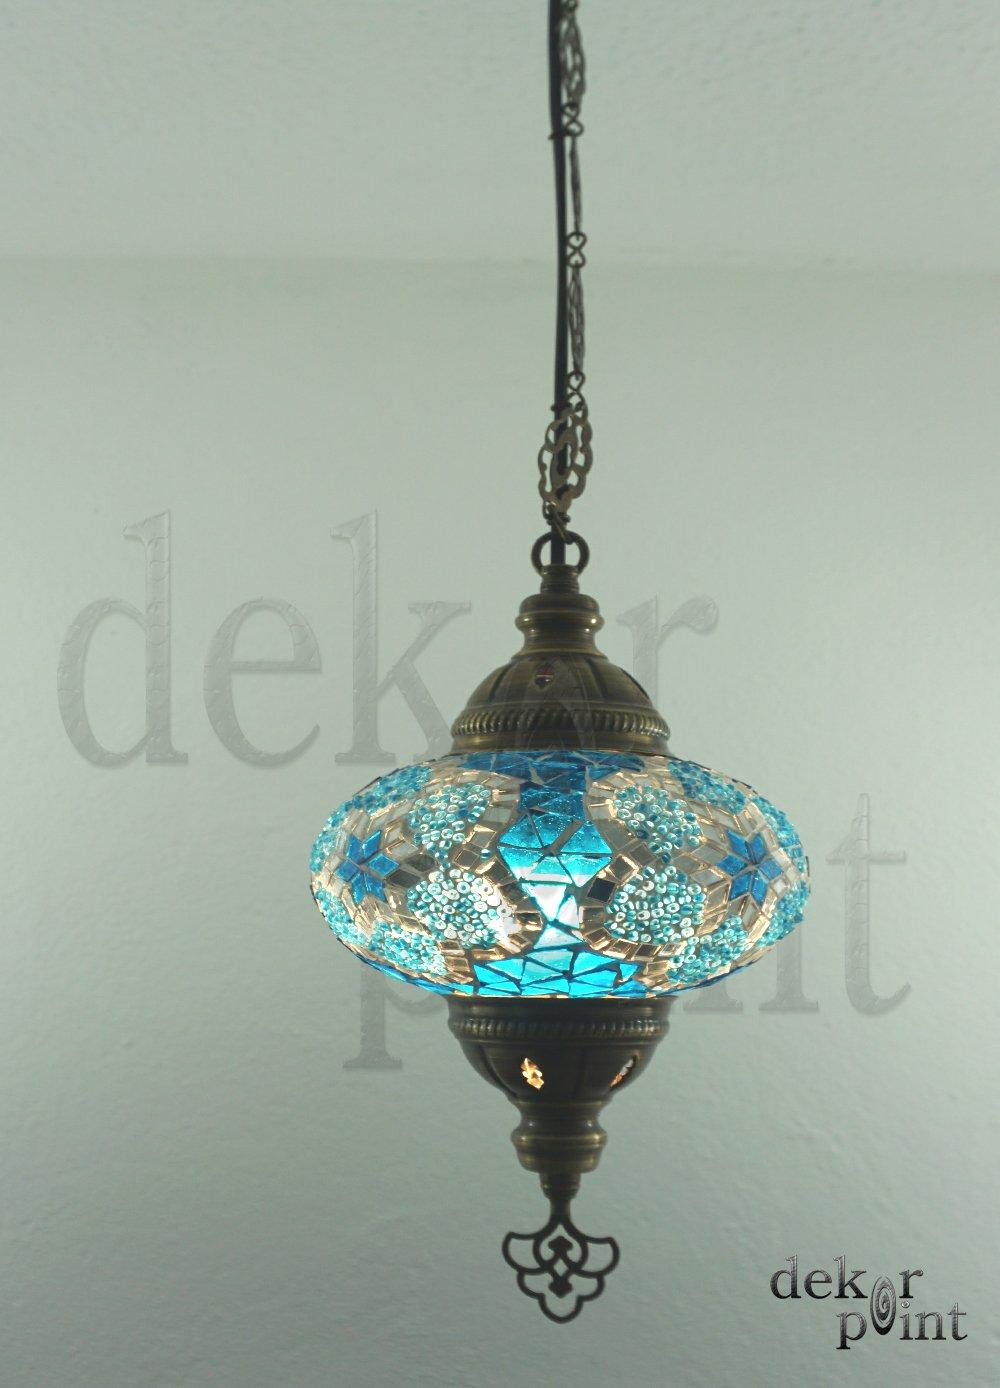 Hecha a mano con motivos orientales Turco mosaico cristal colgante l/ámpara l/ámpara de interior 16156/ // /l/ámpara de exterior mano iluminaci/ón de cristal tama/ño 3